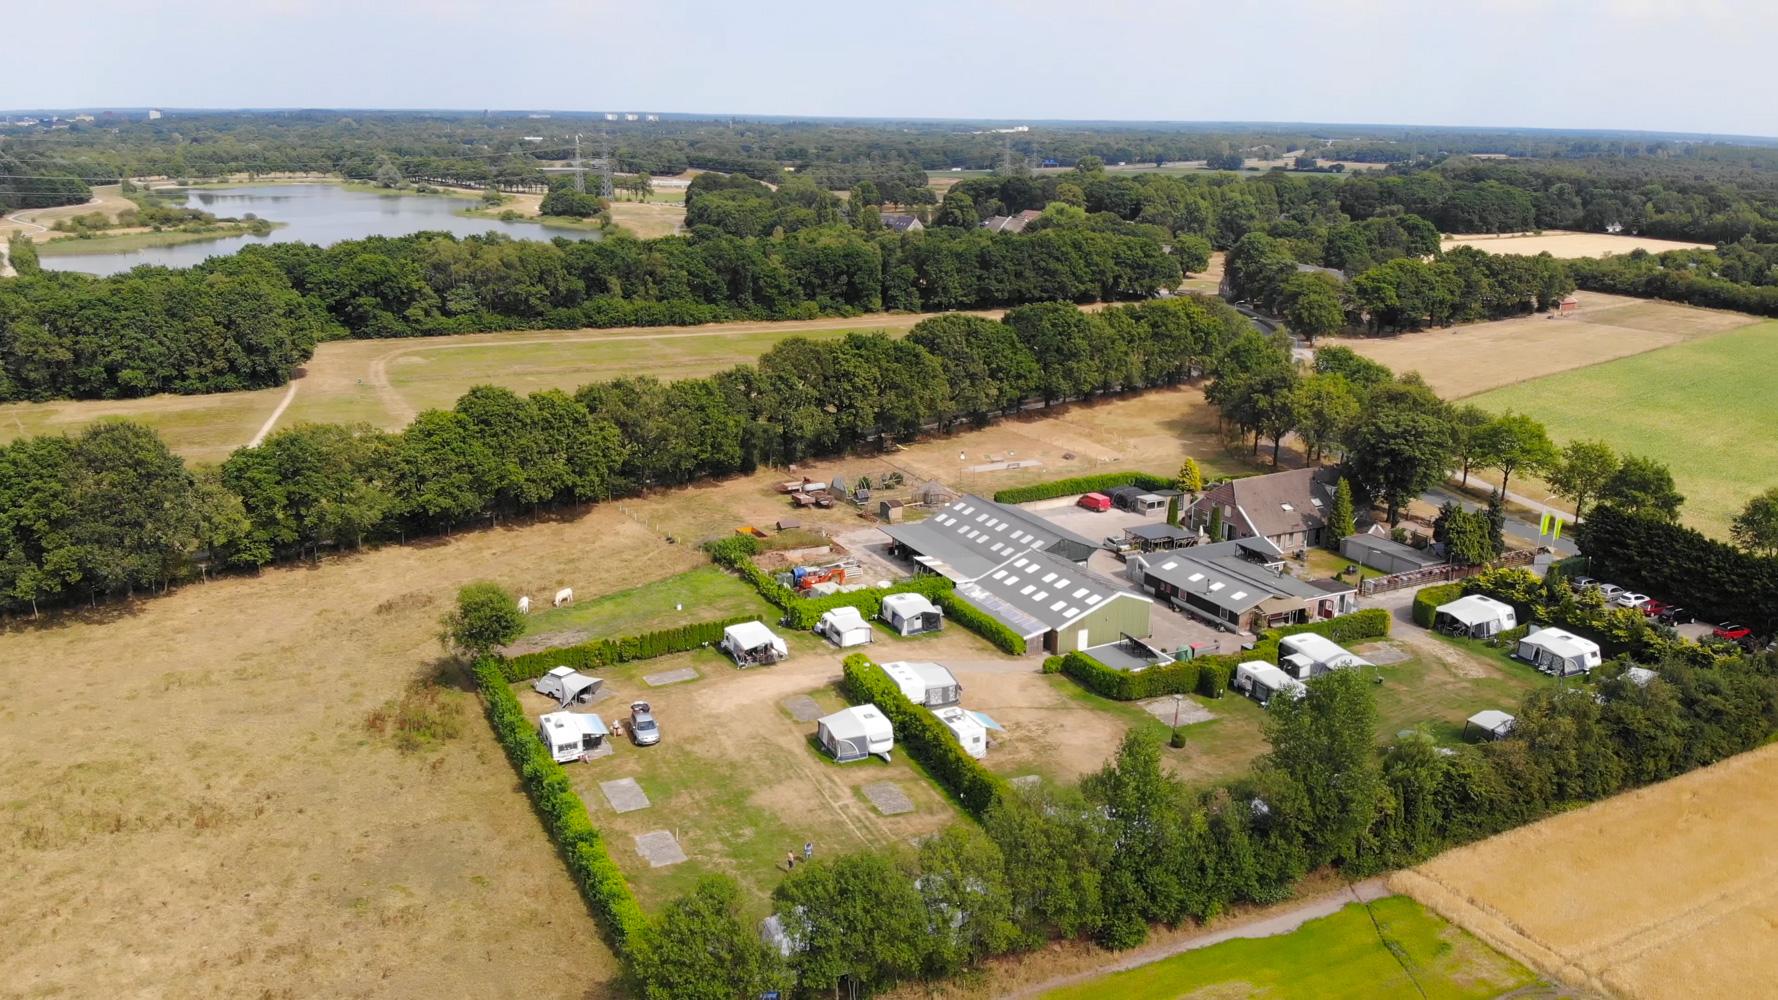 Camping de Bloemenhof